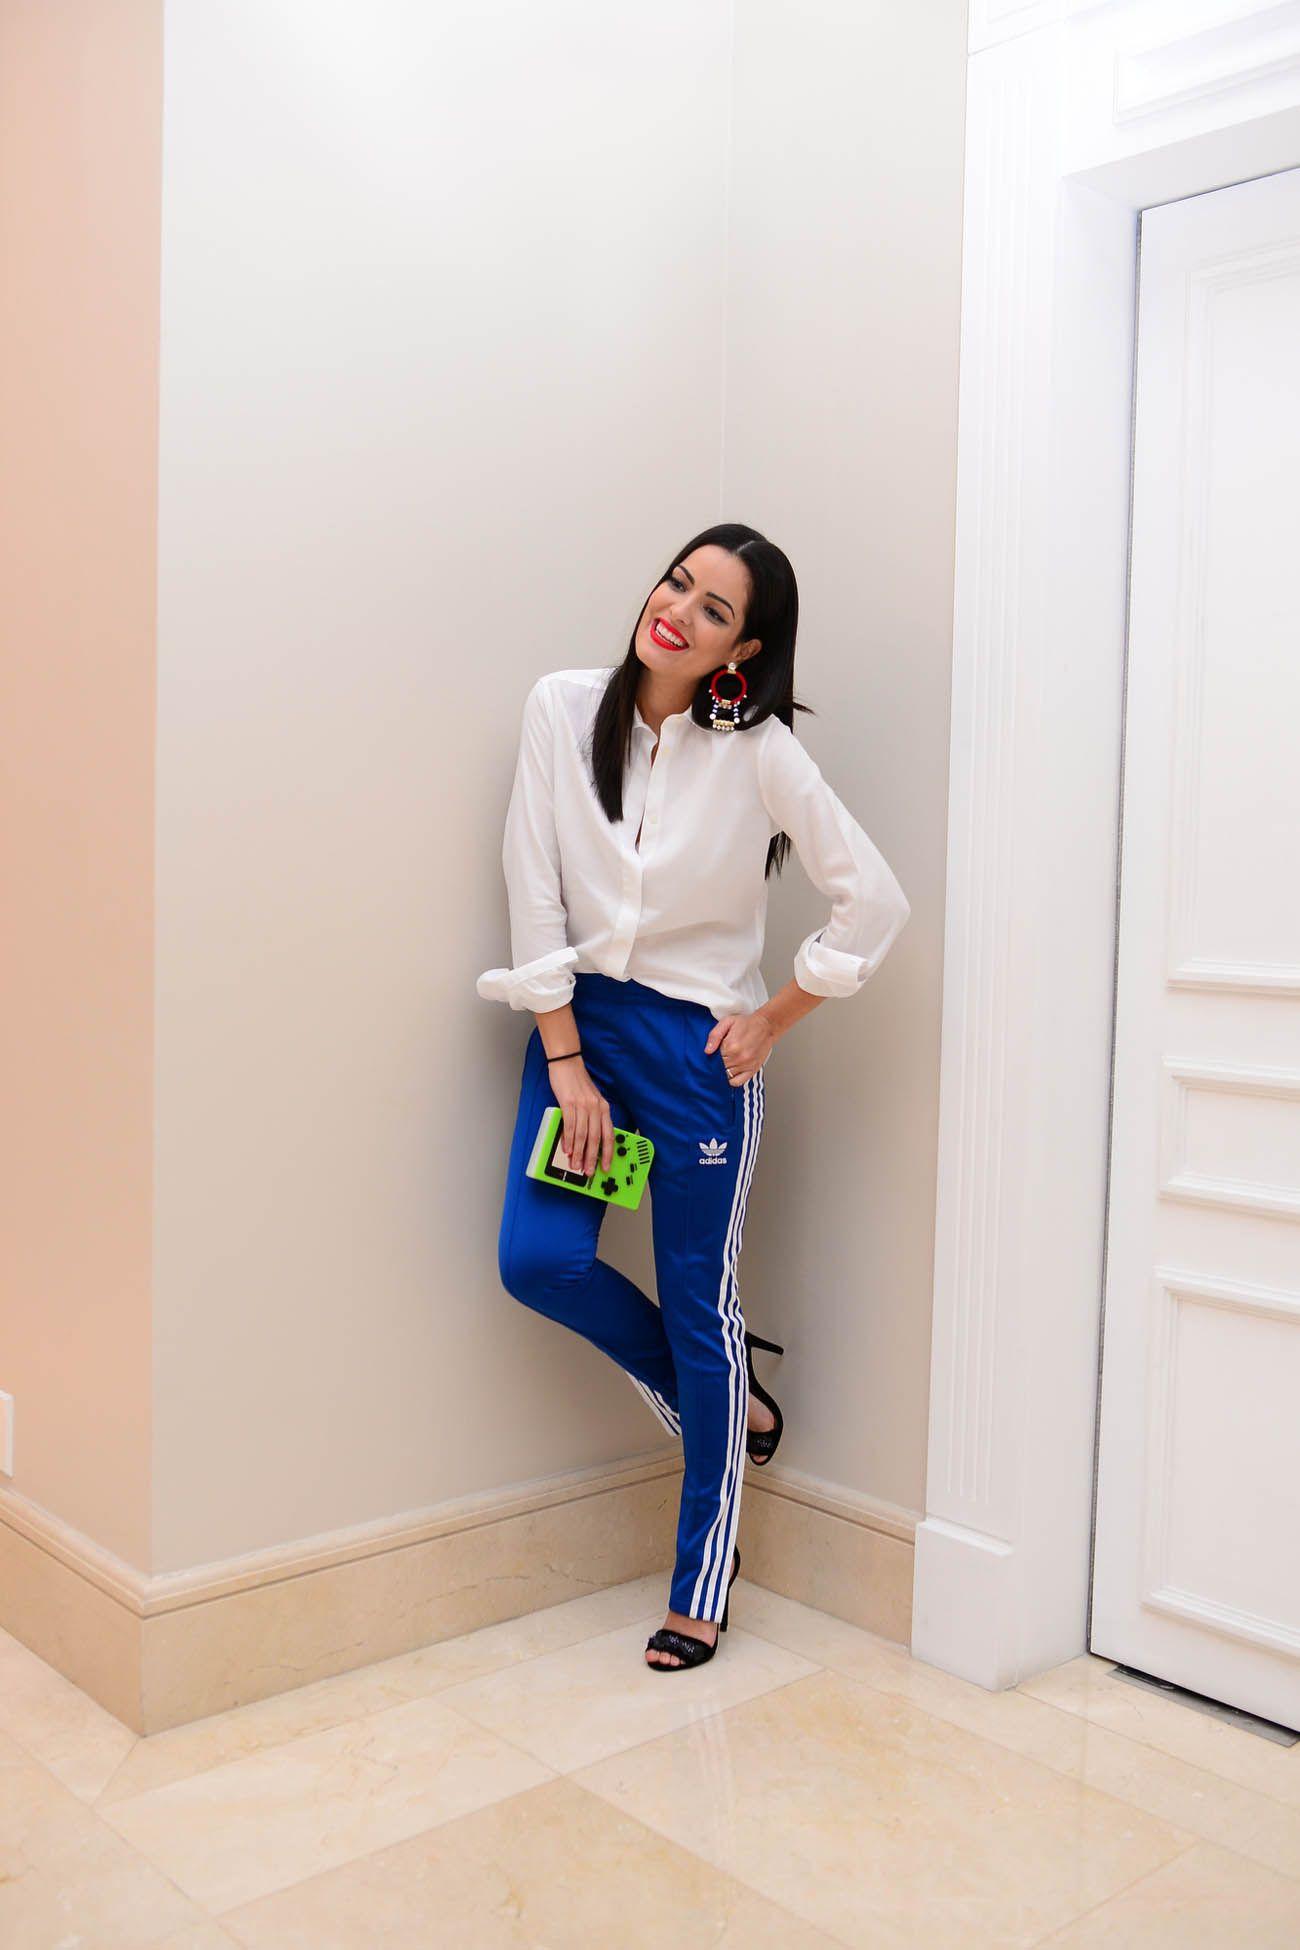 Já vi looks lindos com essa calça Adidas Originals e blusas mais  chamativas 5d7506c6345a4